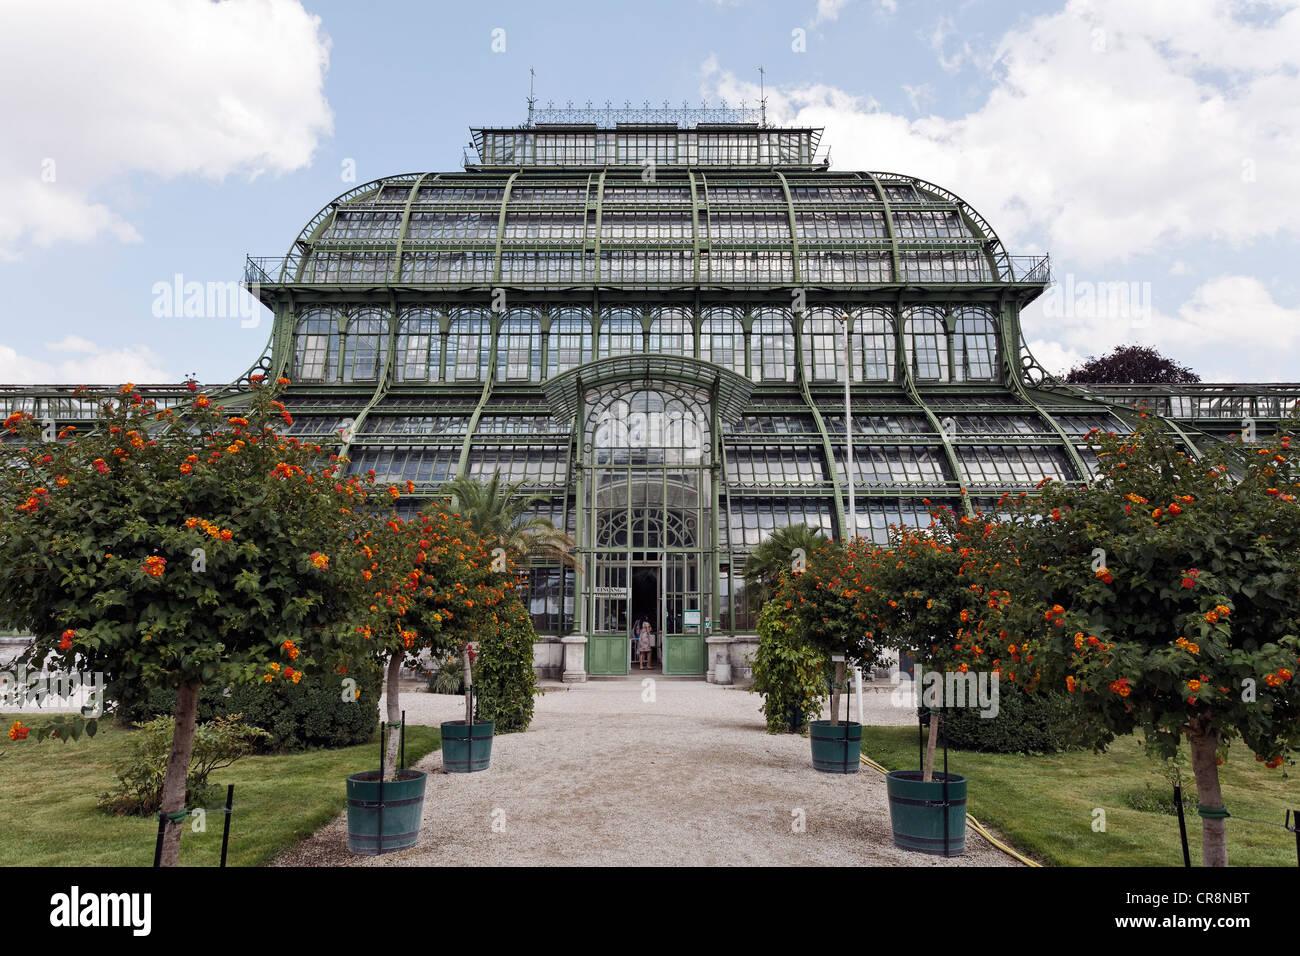 Palmenhaus greenhouse, historic iron structure, Schloss Schoenbrunn palace, Hietzing district, Vienna, Austria, - Stock Image